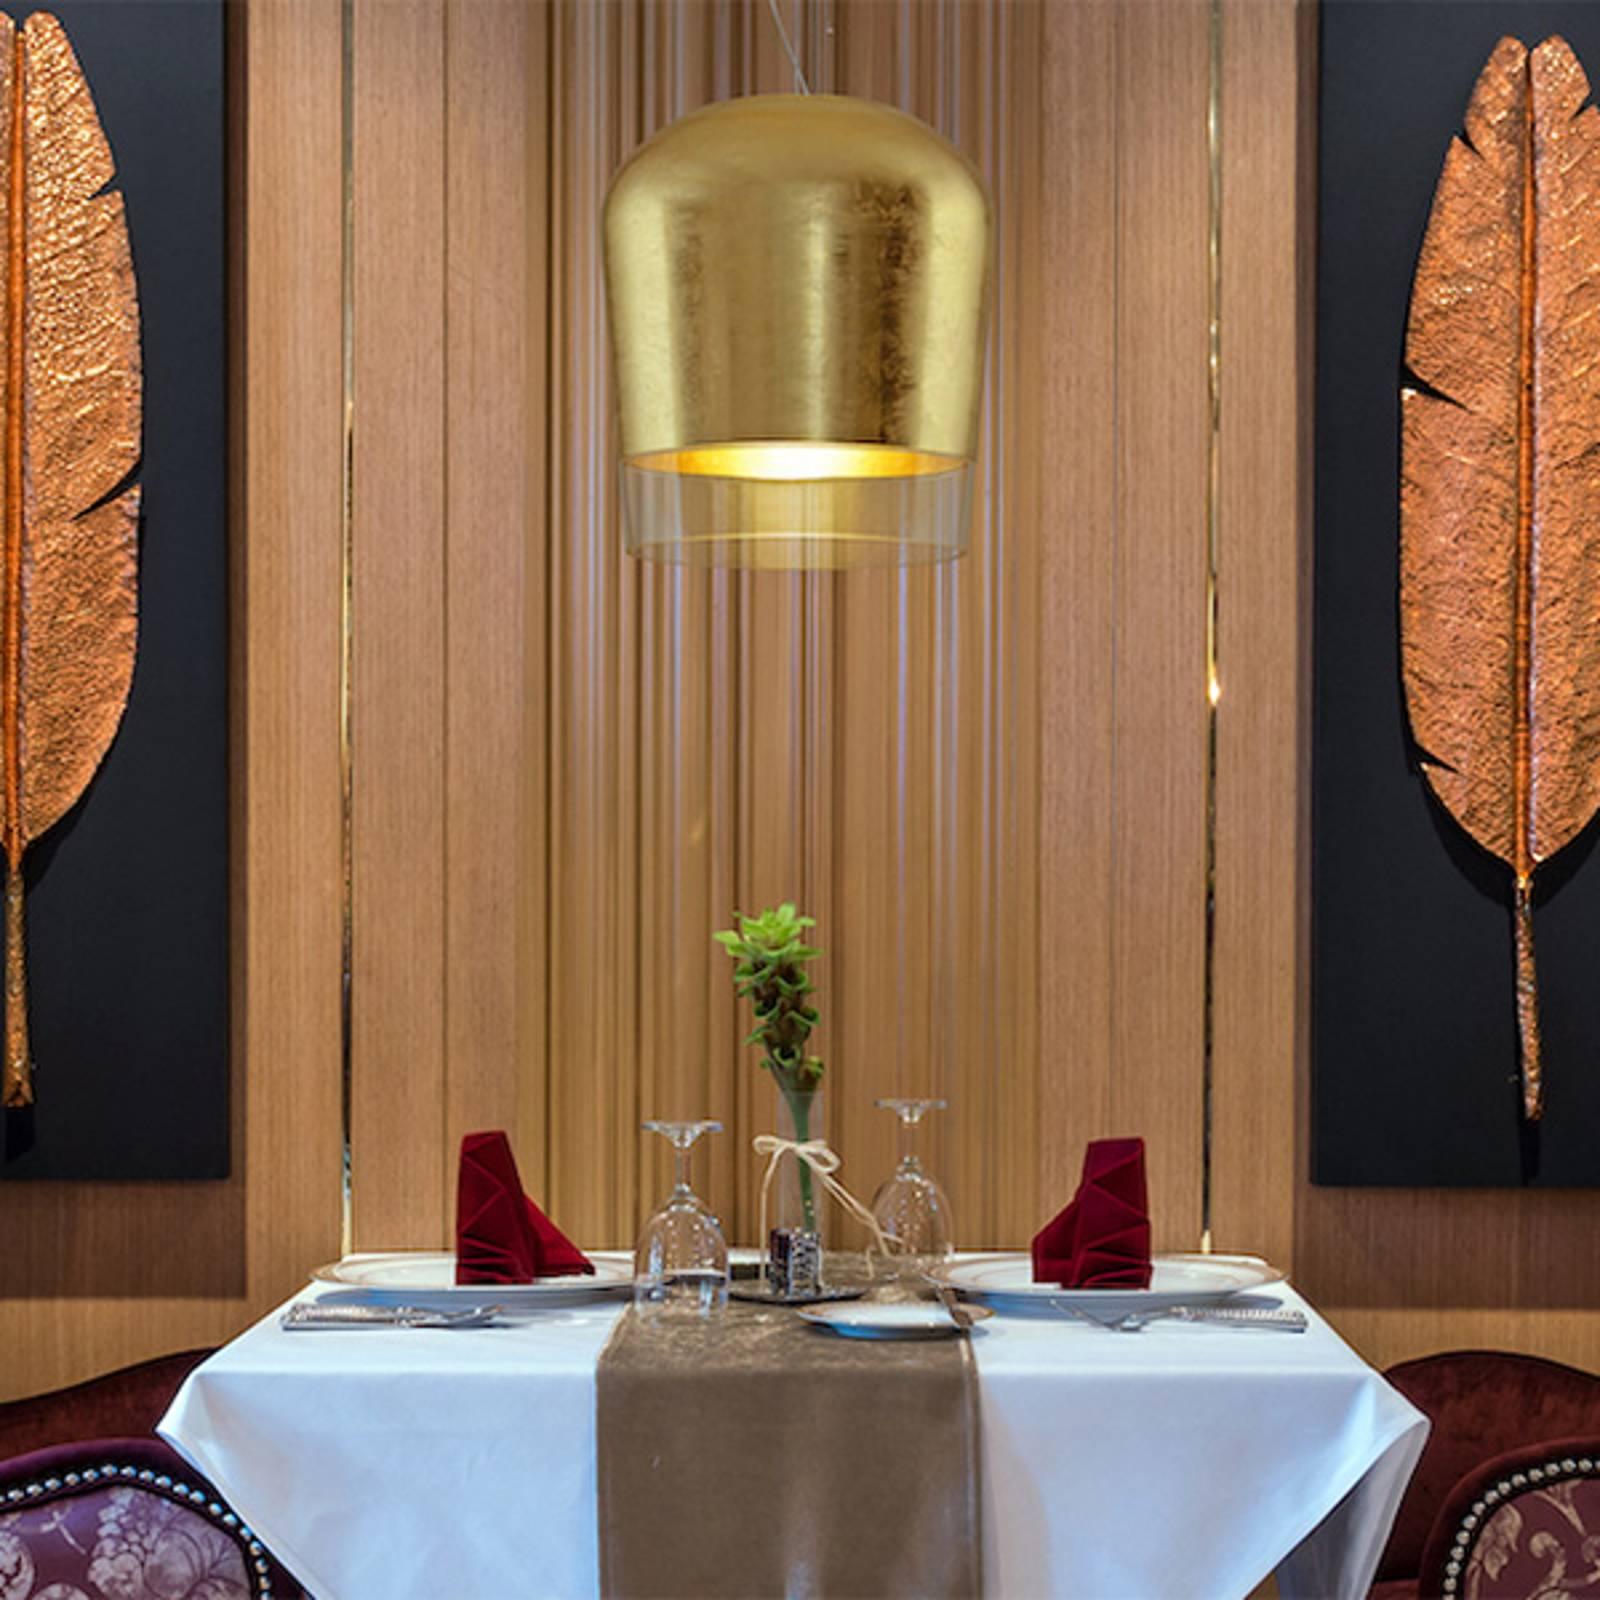 Casablanca Syss hanglamp 1-lamp goud Ø 28cm